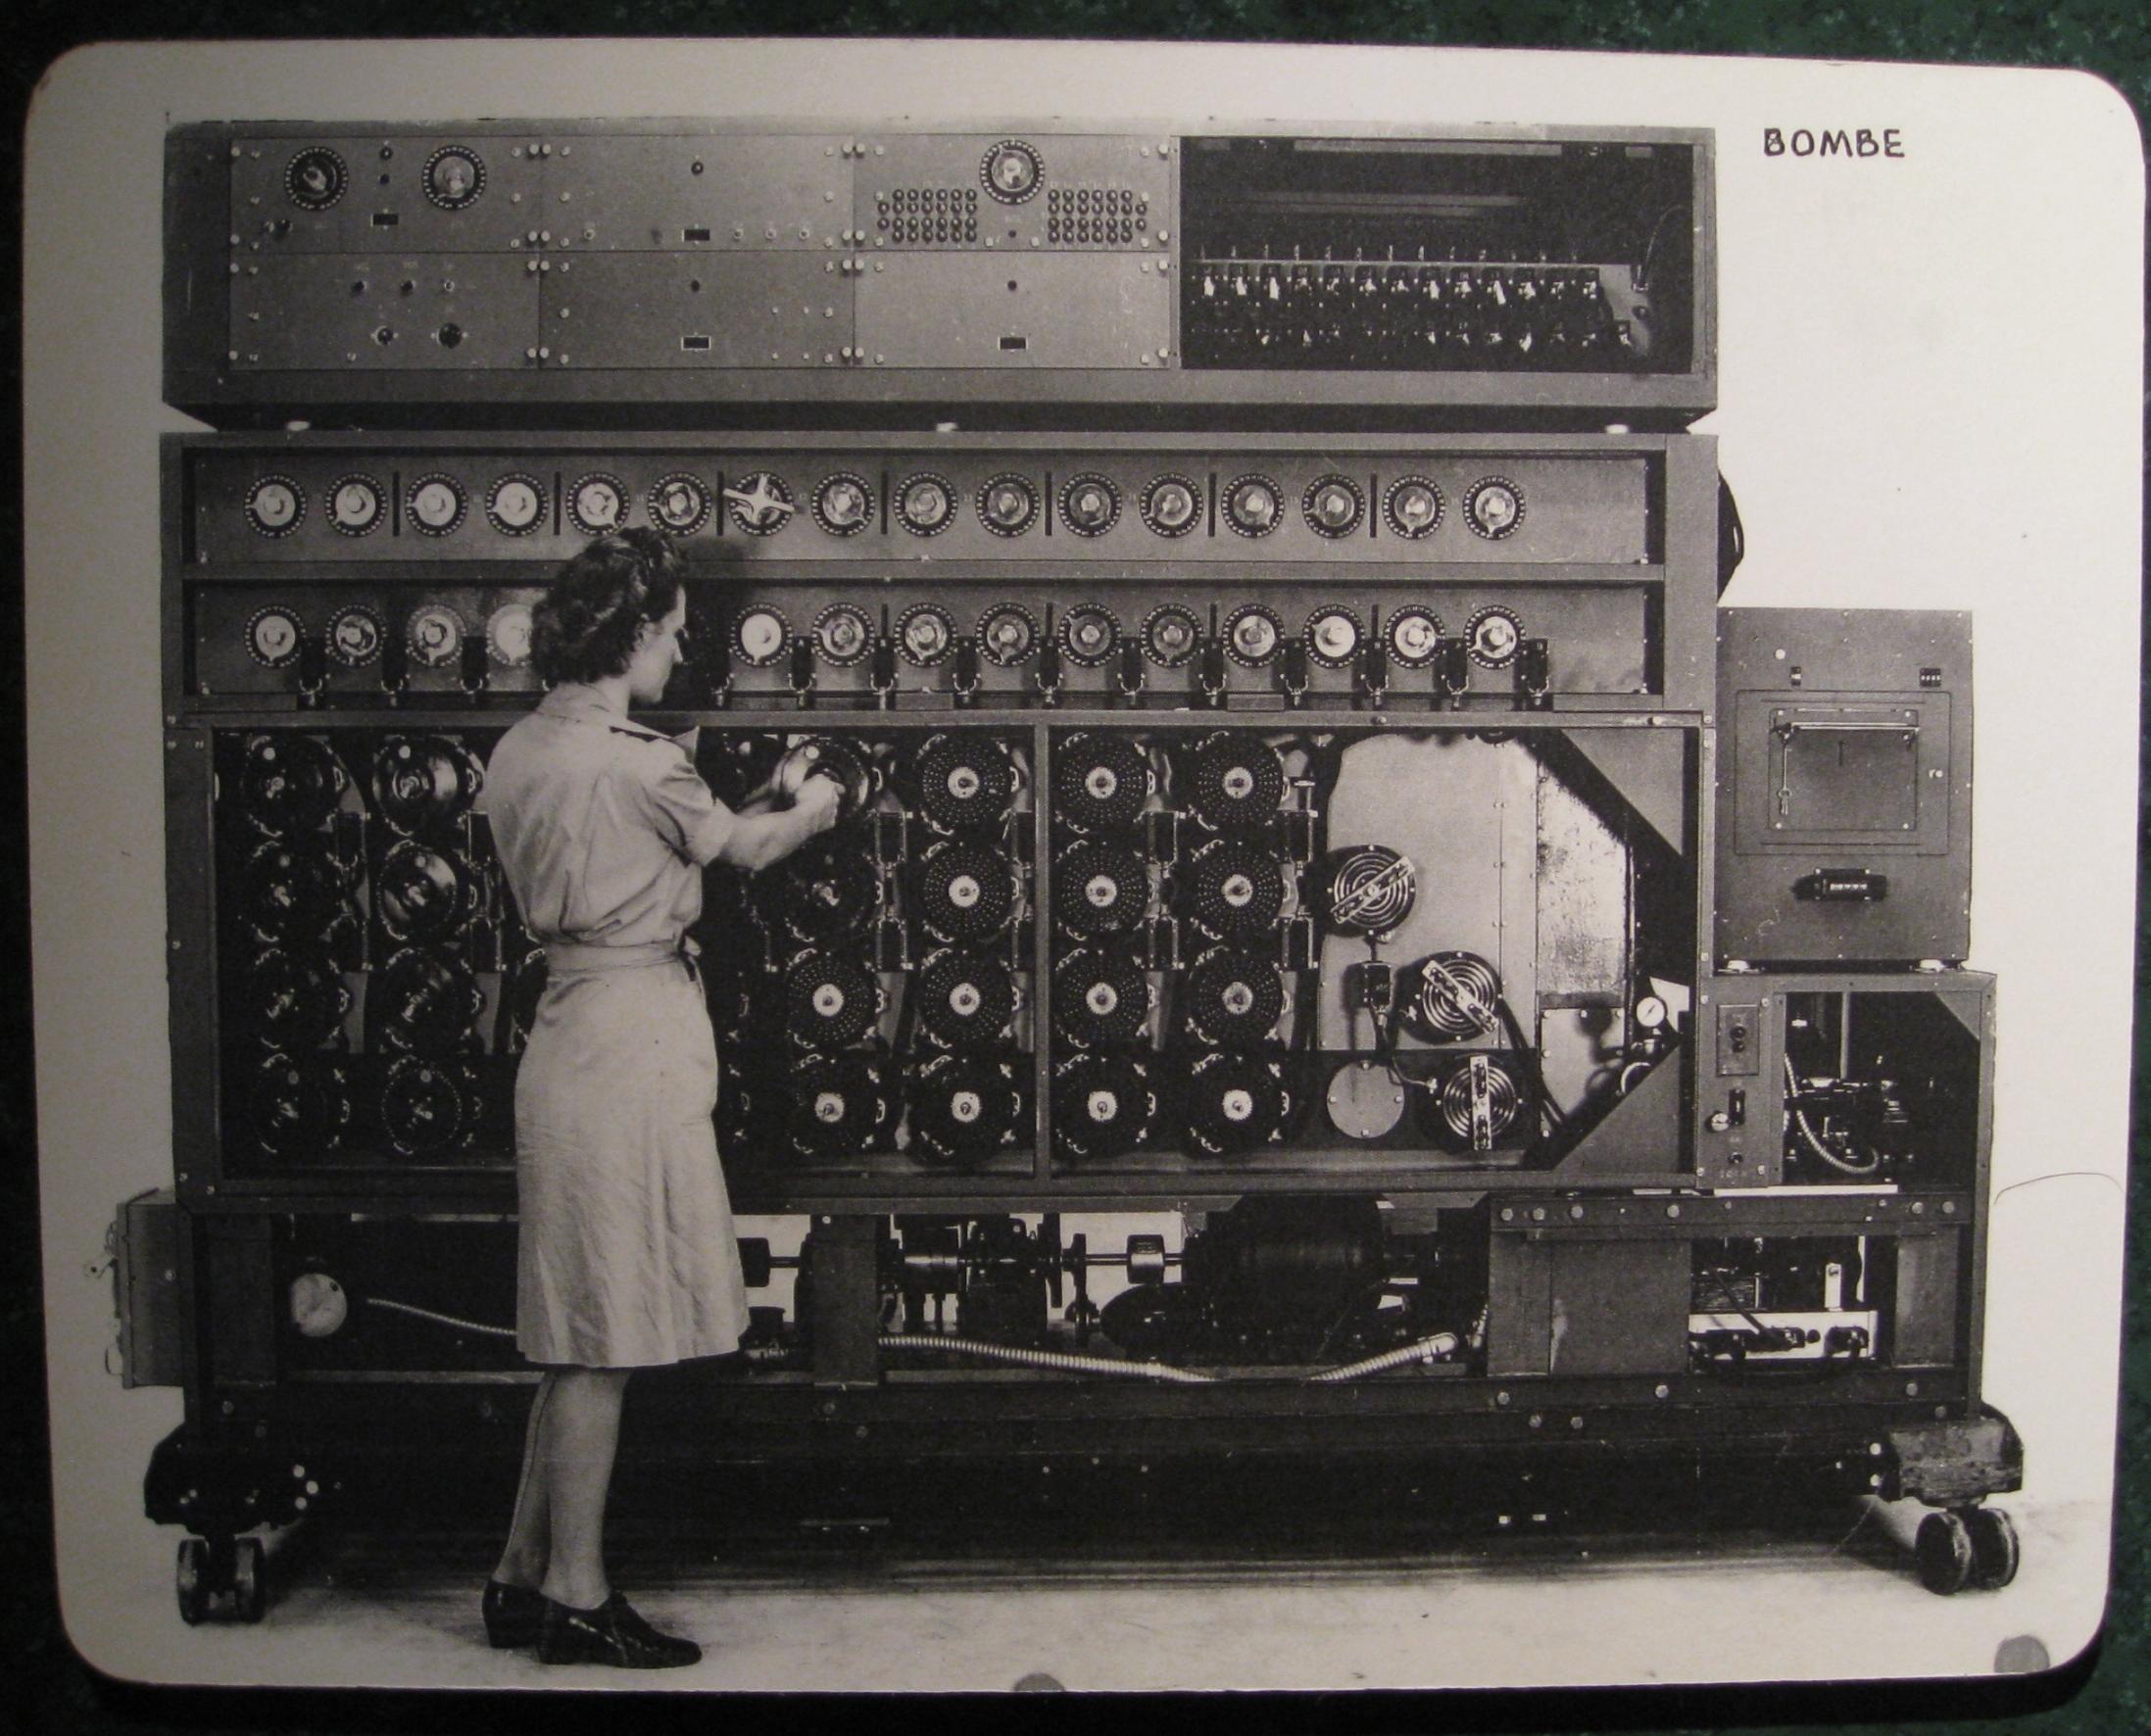 Tajemnicę łamania Enigmy posiedli również Amerykanie. W bombie amerykańskiej zastosowano lampy co wpłynęło na poprawę zysku pracy.